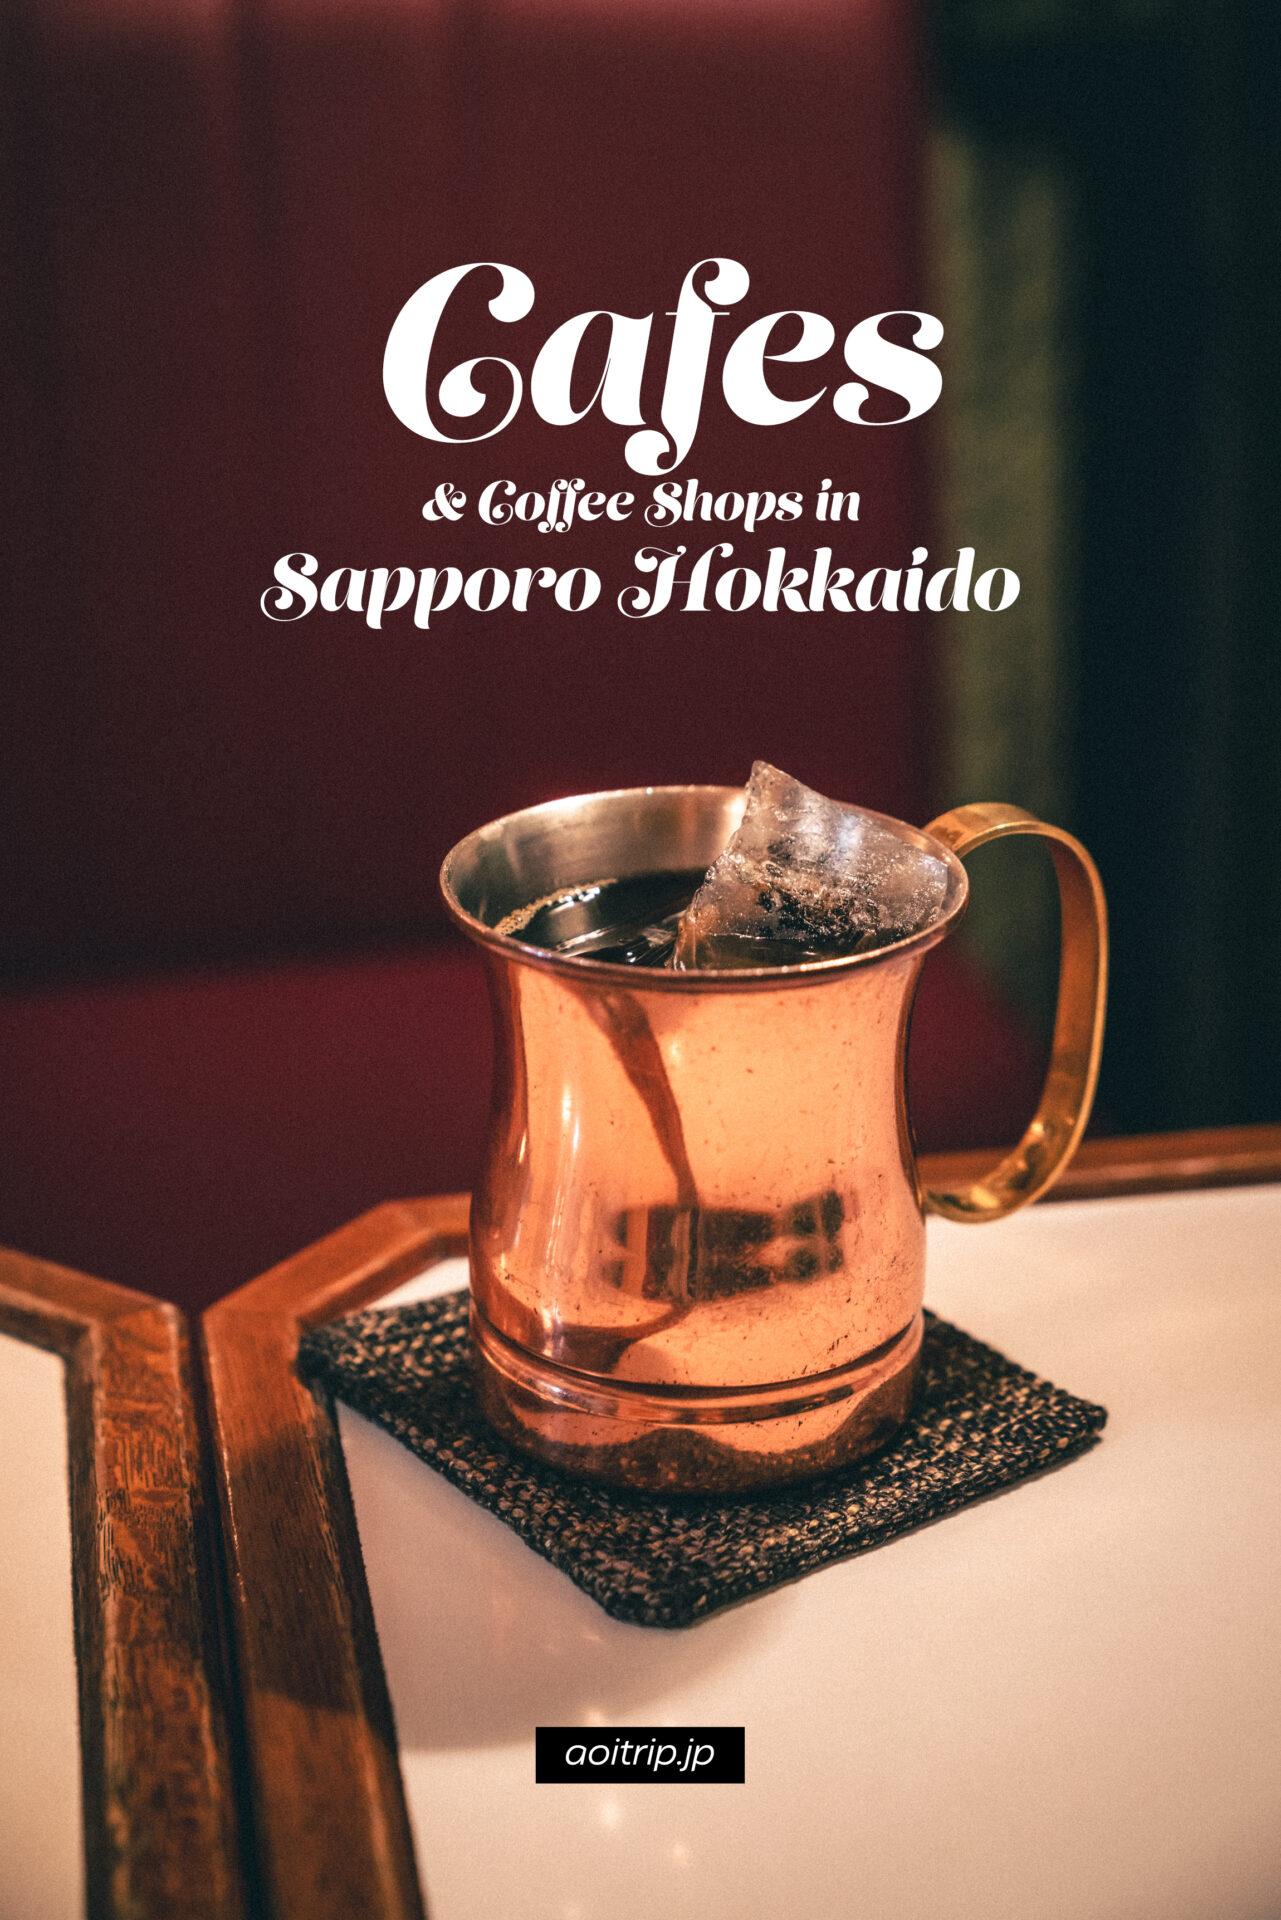 北海道 札幌旅行で訪れたカフェ・喫茶店 Cafes & Coffee Shops in Sapporo, Hokkaido